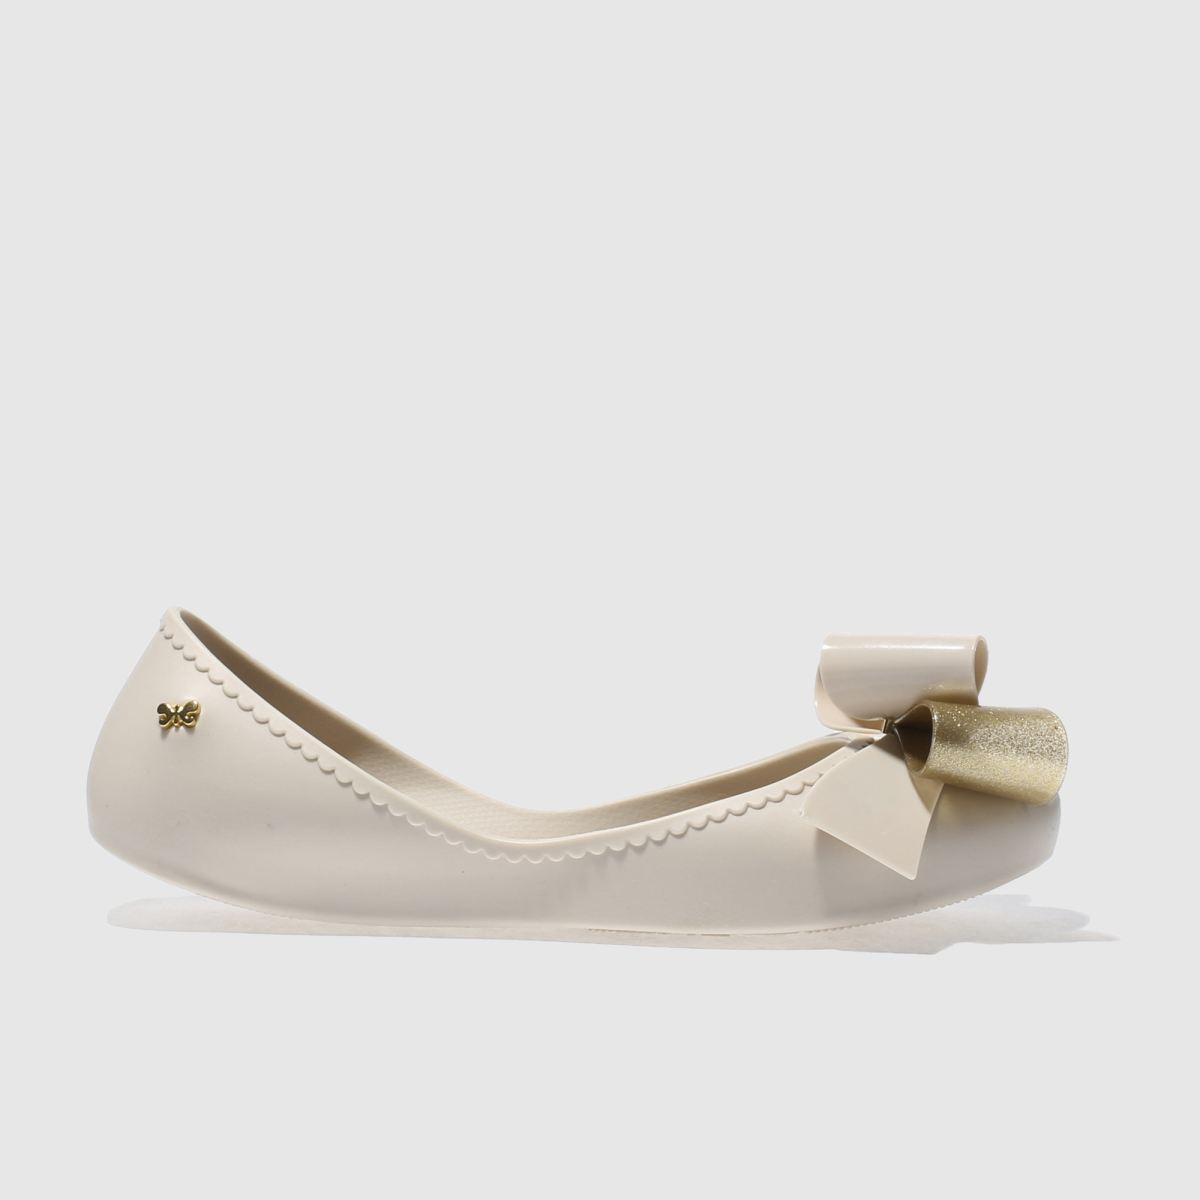 zaxy natural start romance ii flat shoes